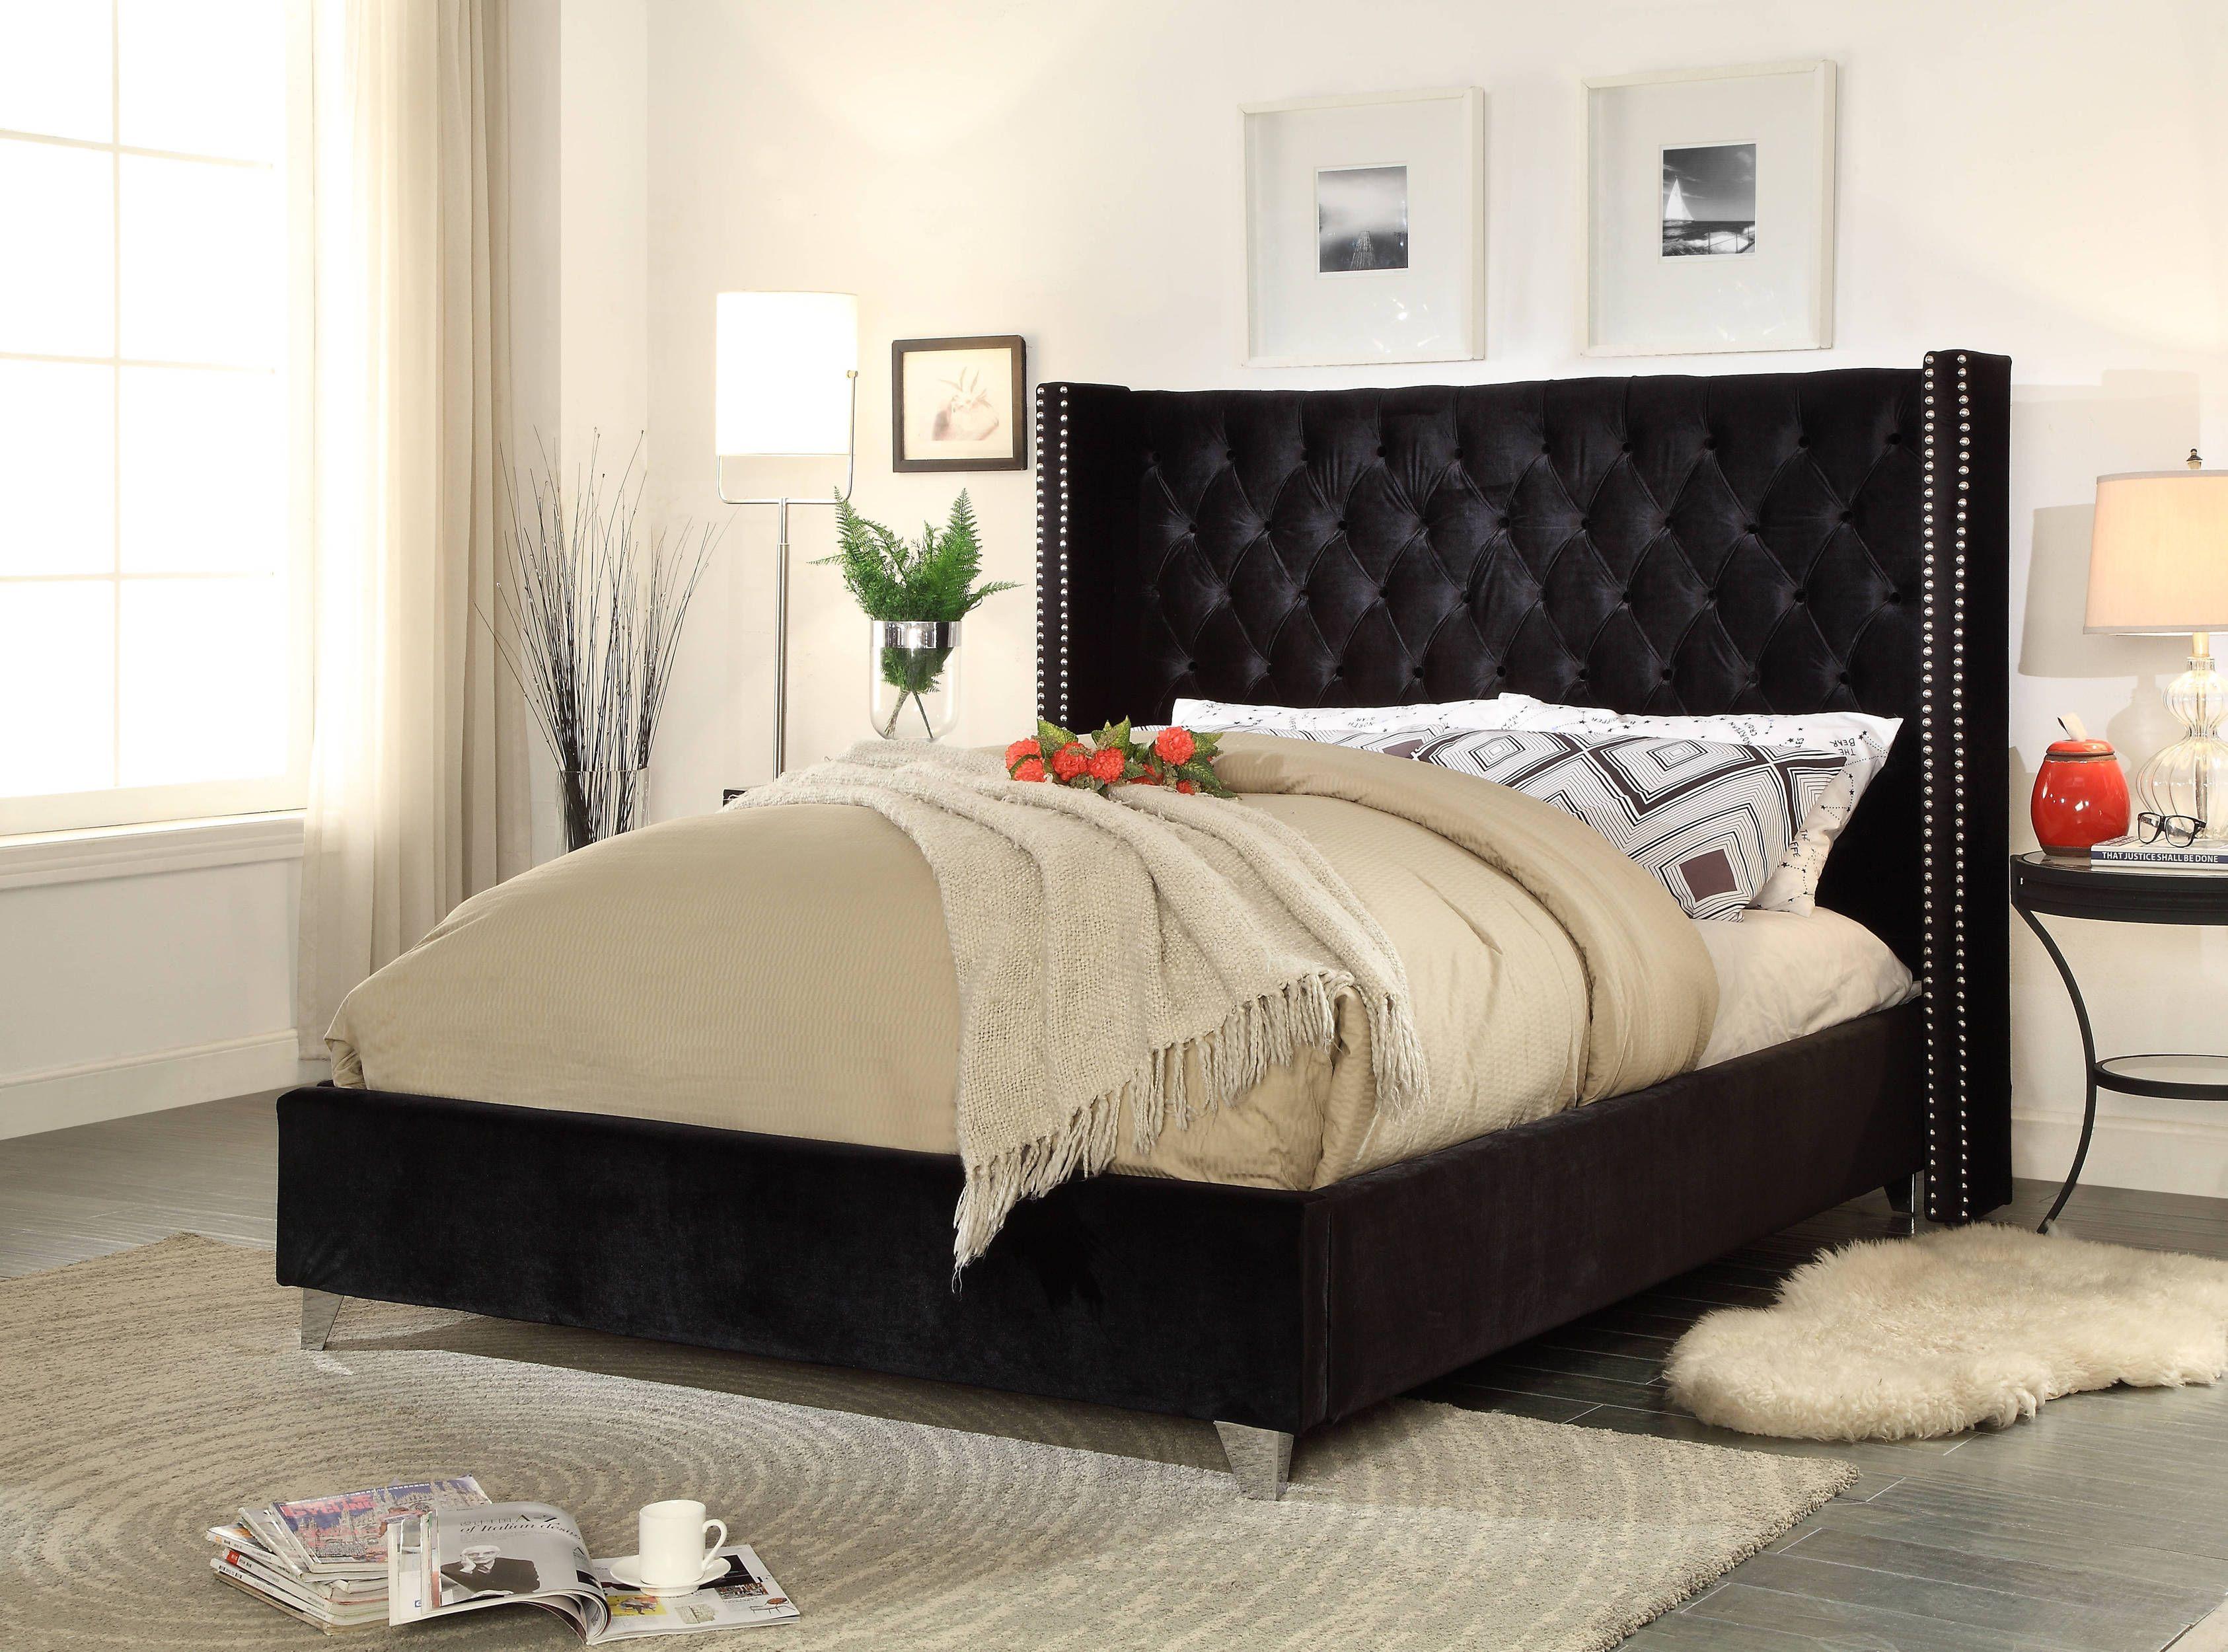 Aiden Black Velvet Deep Detailed Tufting Chrome Nailheads Queen Bed White Bedroom Decor Black Velvet Bed Velvet Bed